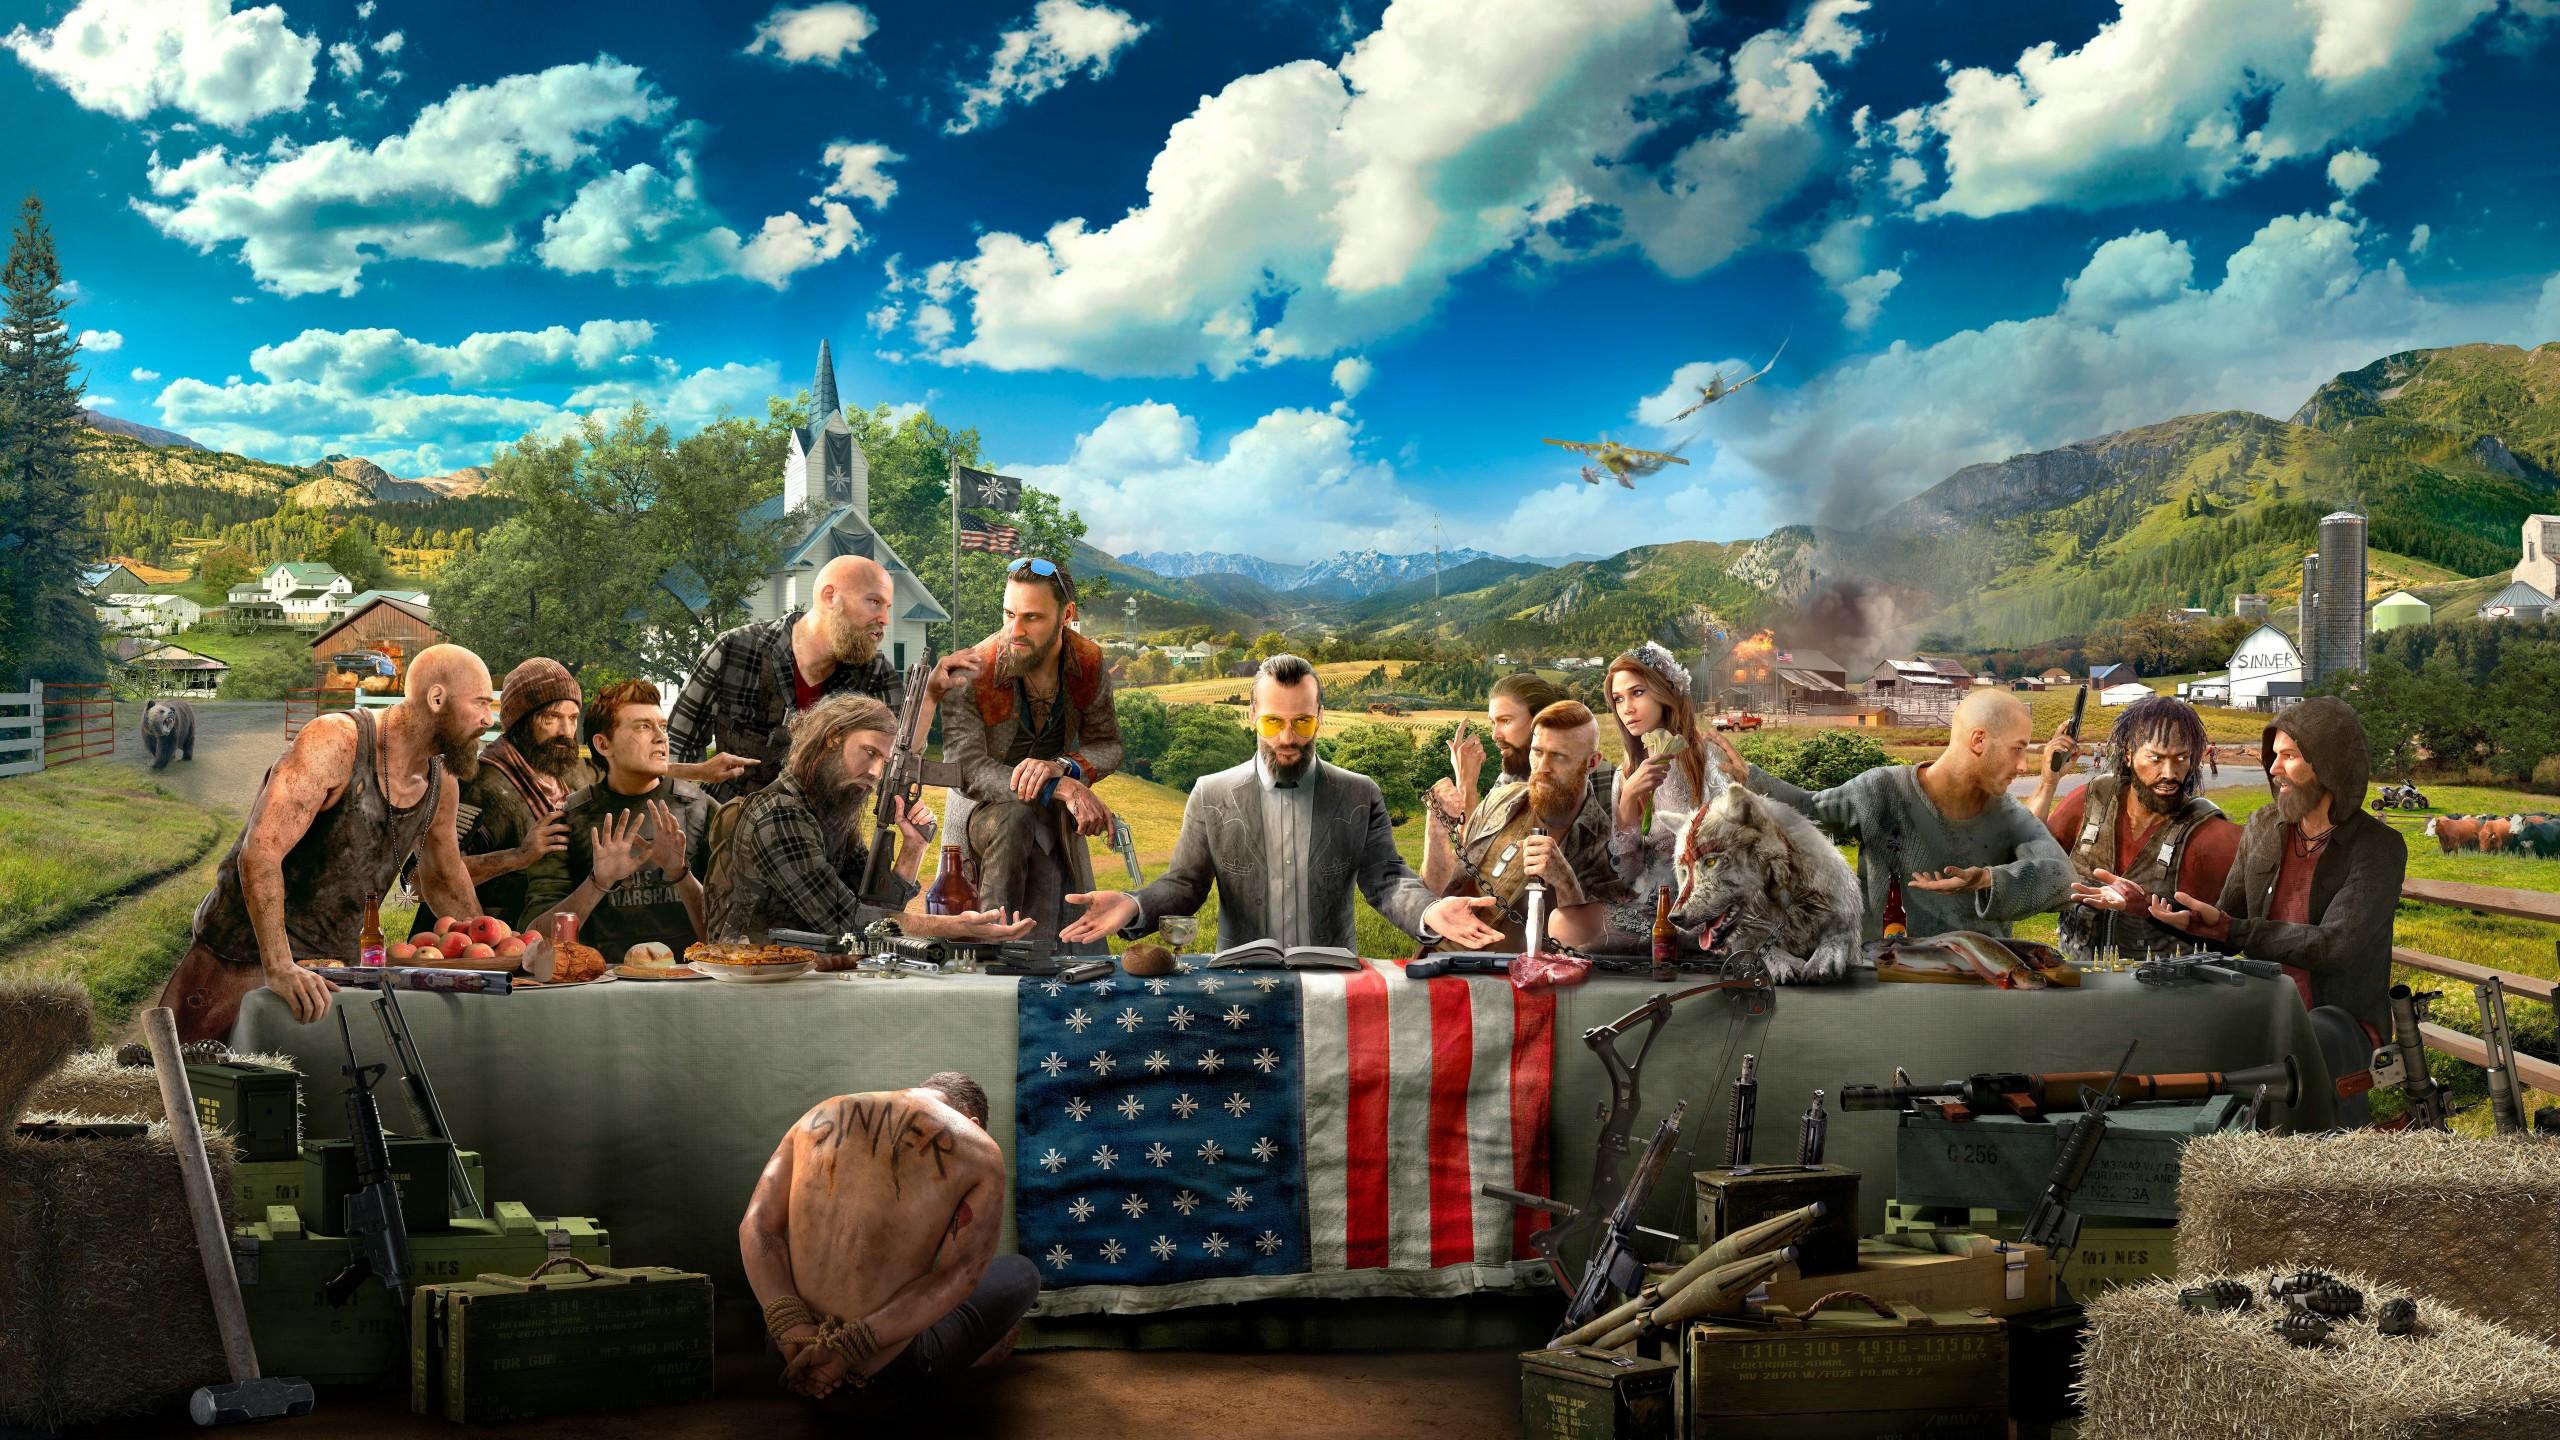 تماشا کنید: ویدیو جدید منتشر شده از بازی Far Cry 5، قسمتی از گیمپلی آن را به نمایش میگذارد